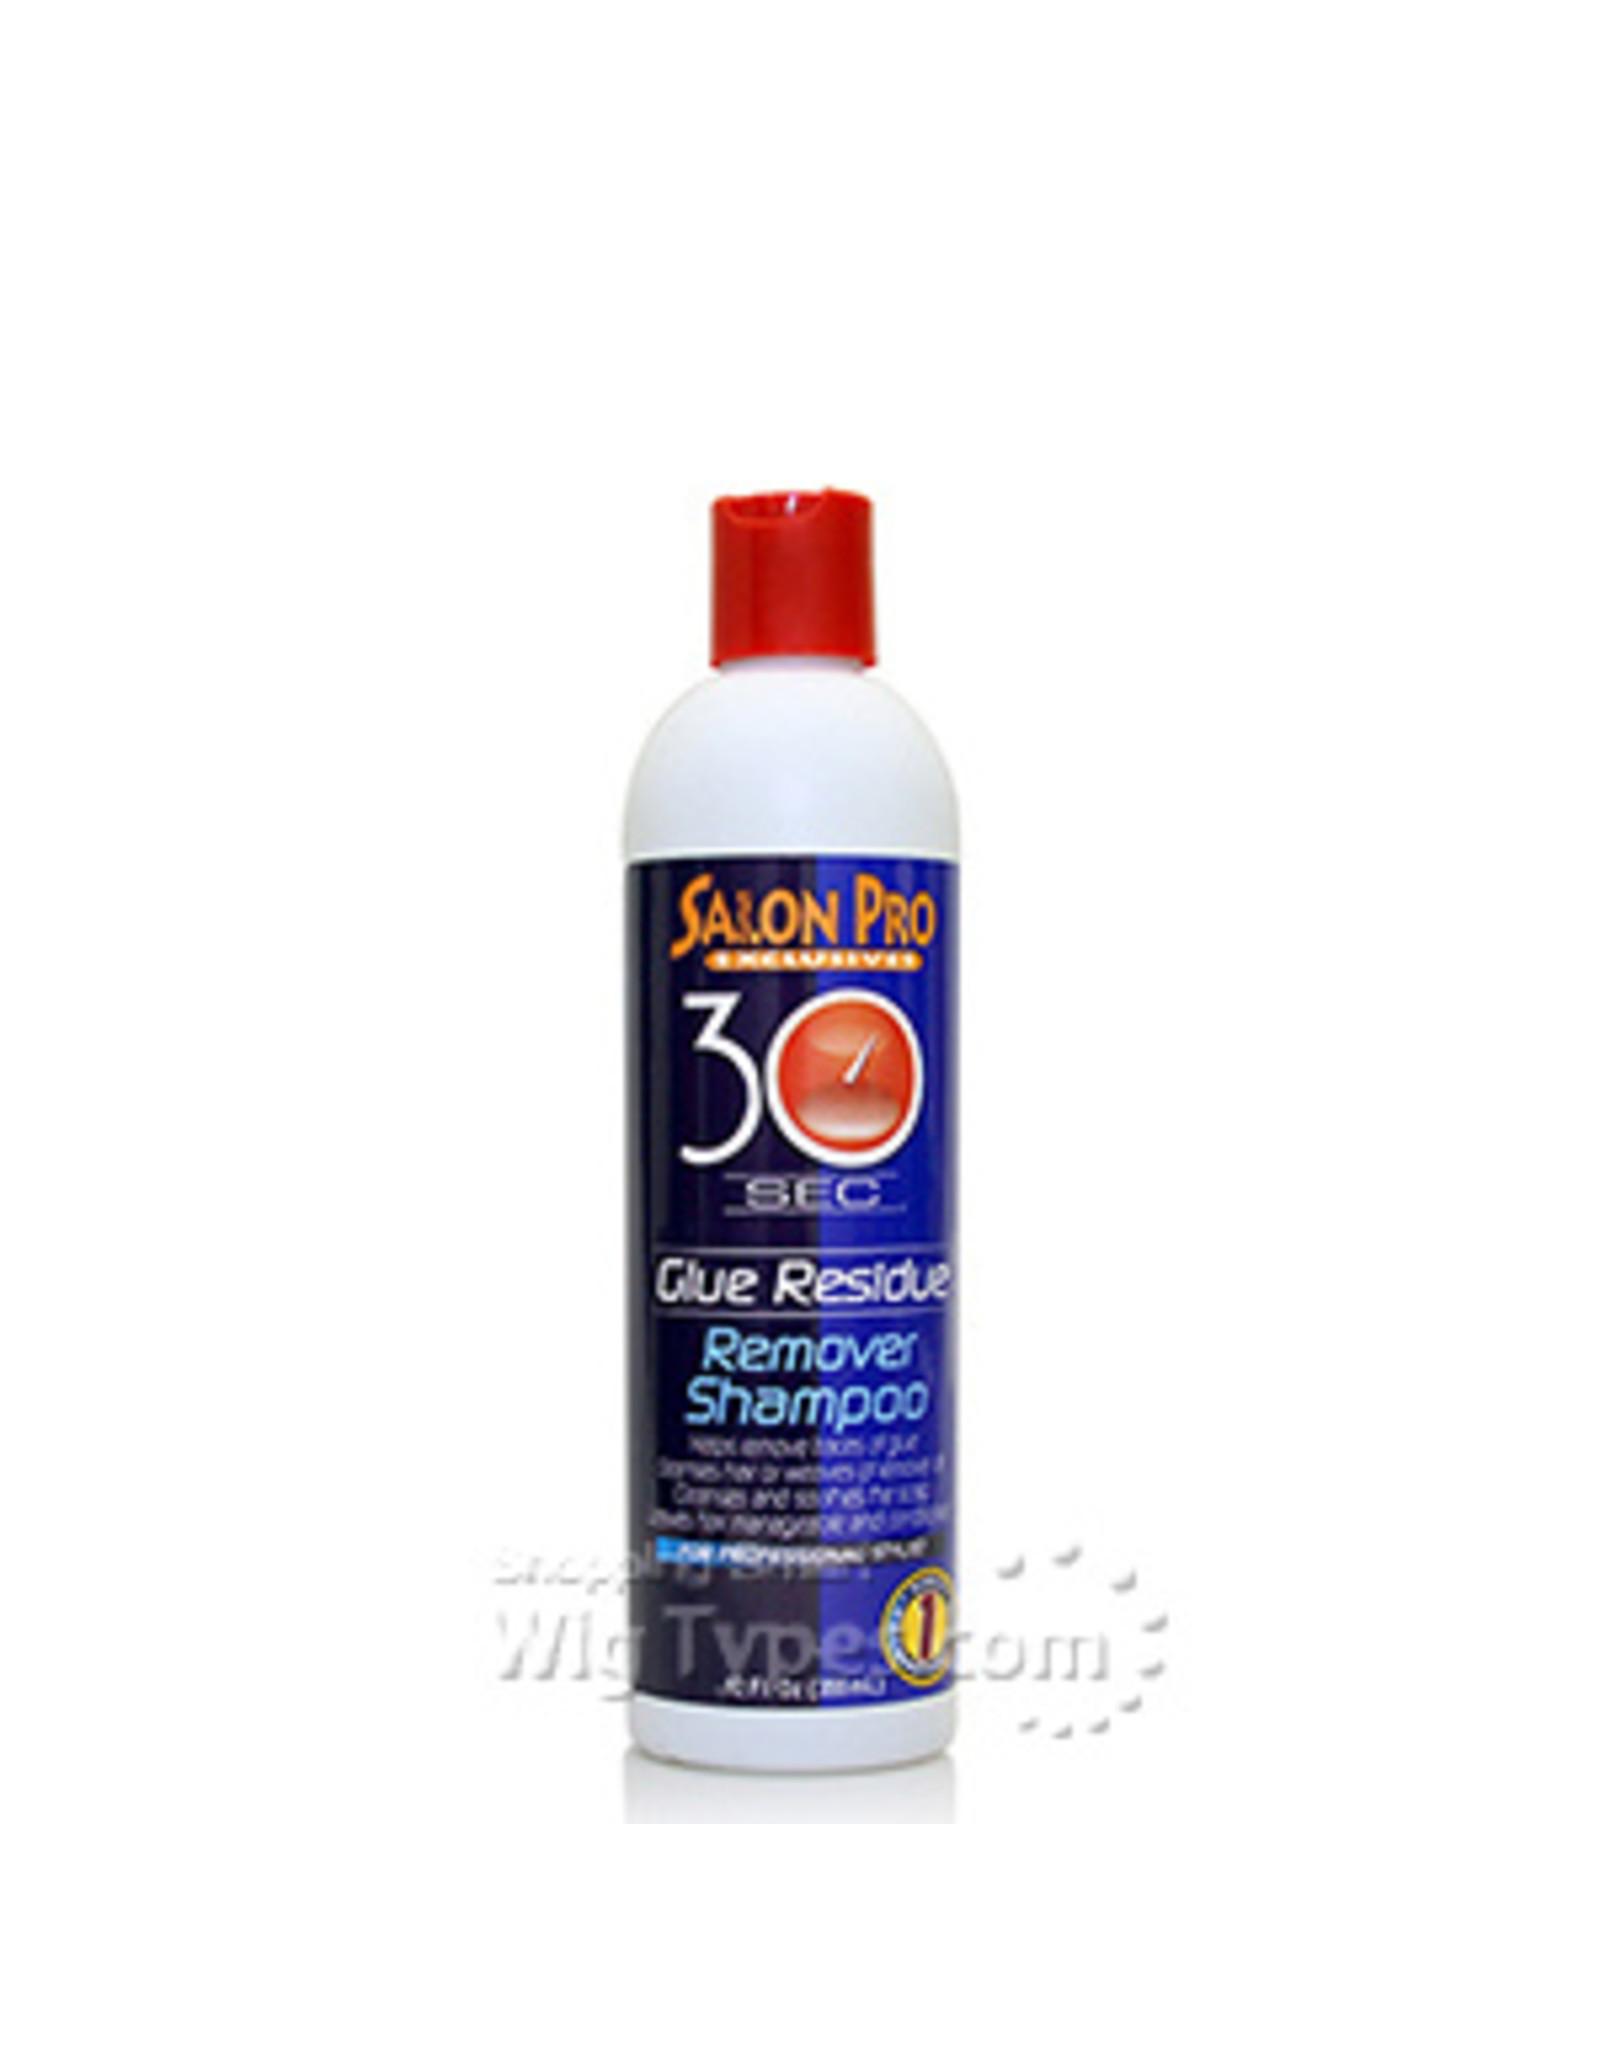 Salon Pro 30 Sec Remover Shampoo